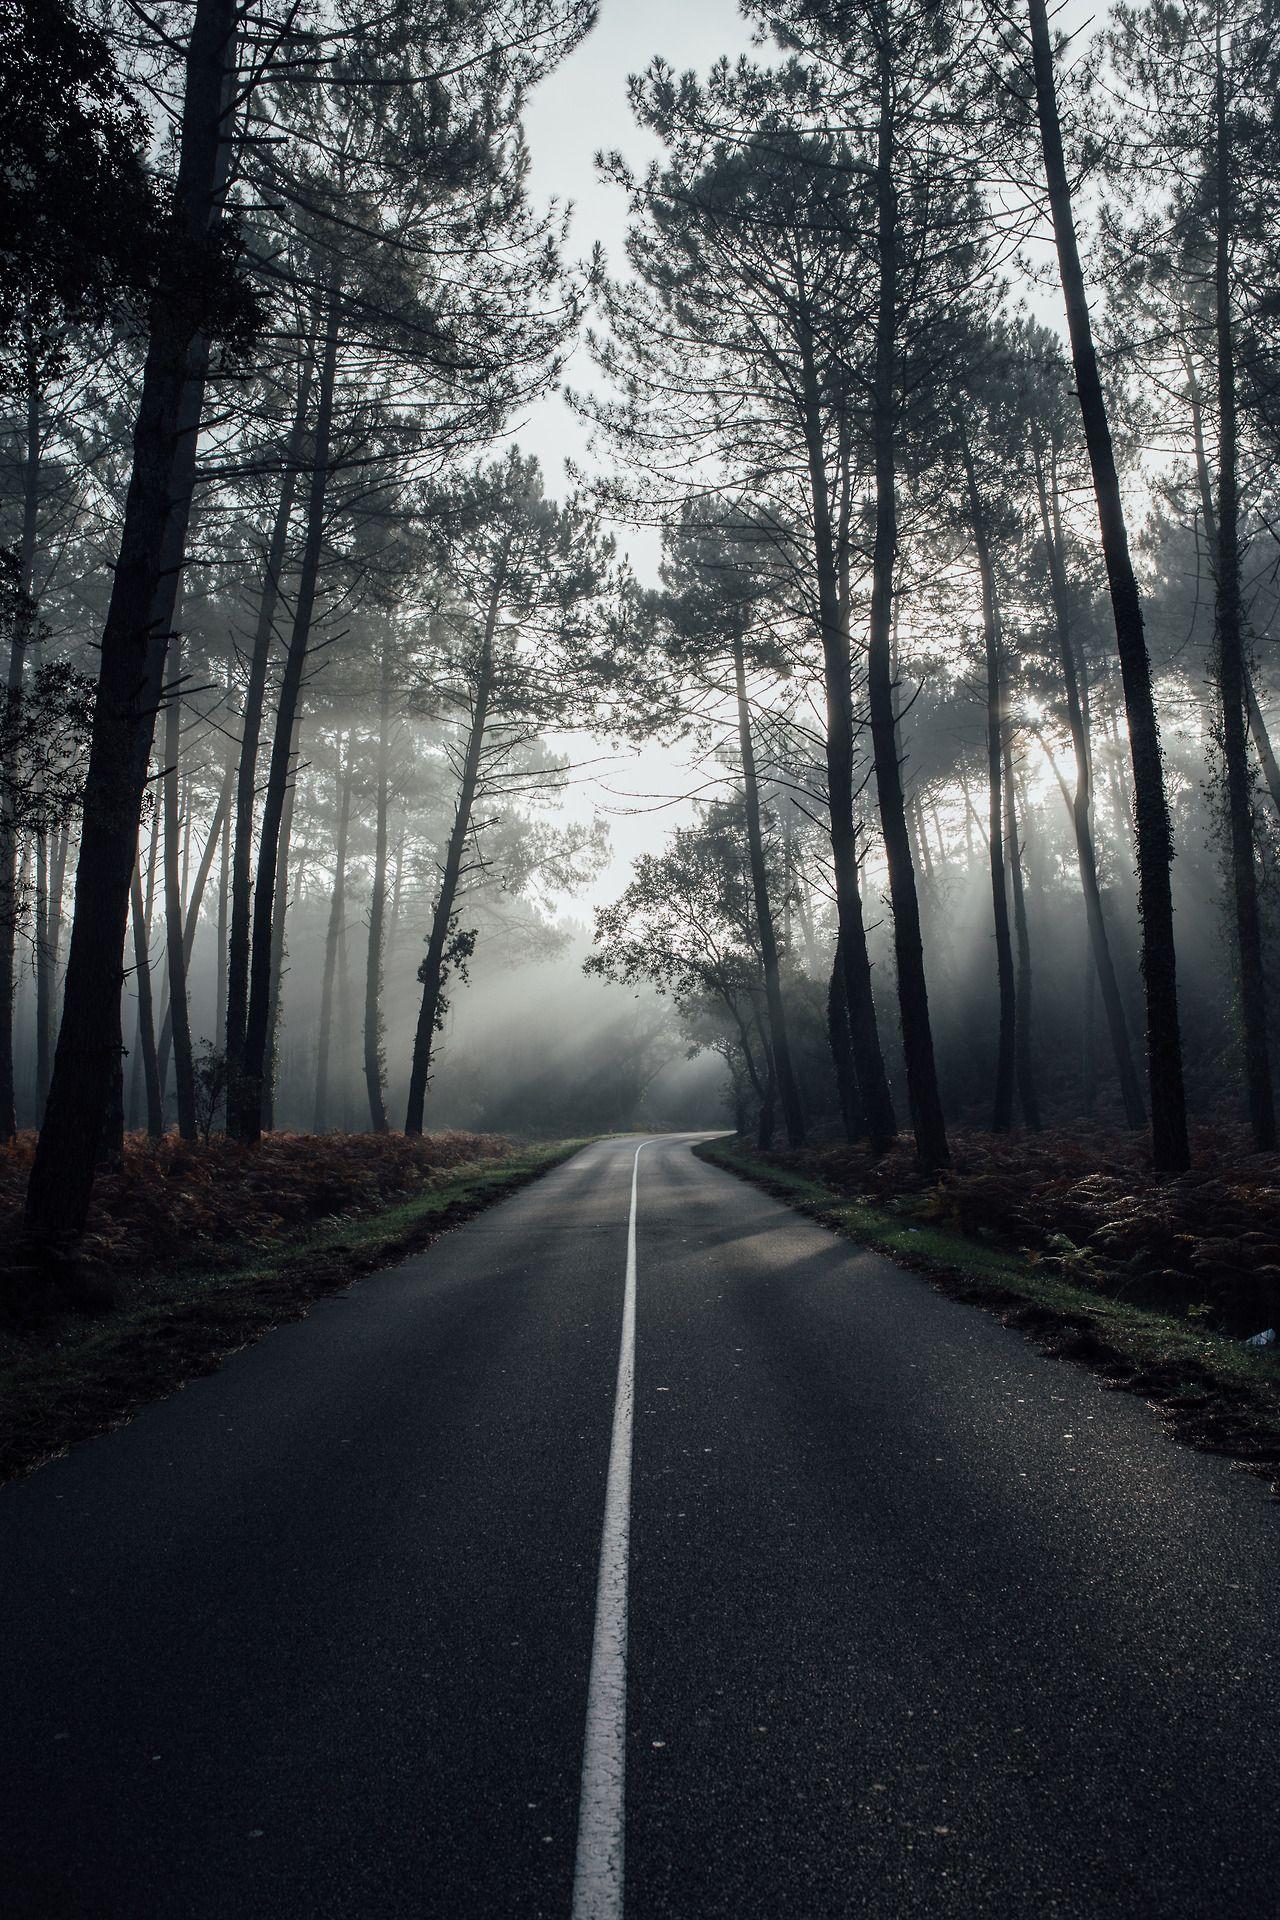 Saraharnould Hossegor Lensblr Dark Landscape Nature Photography Sky Aesthetic dark landscape nature photography